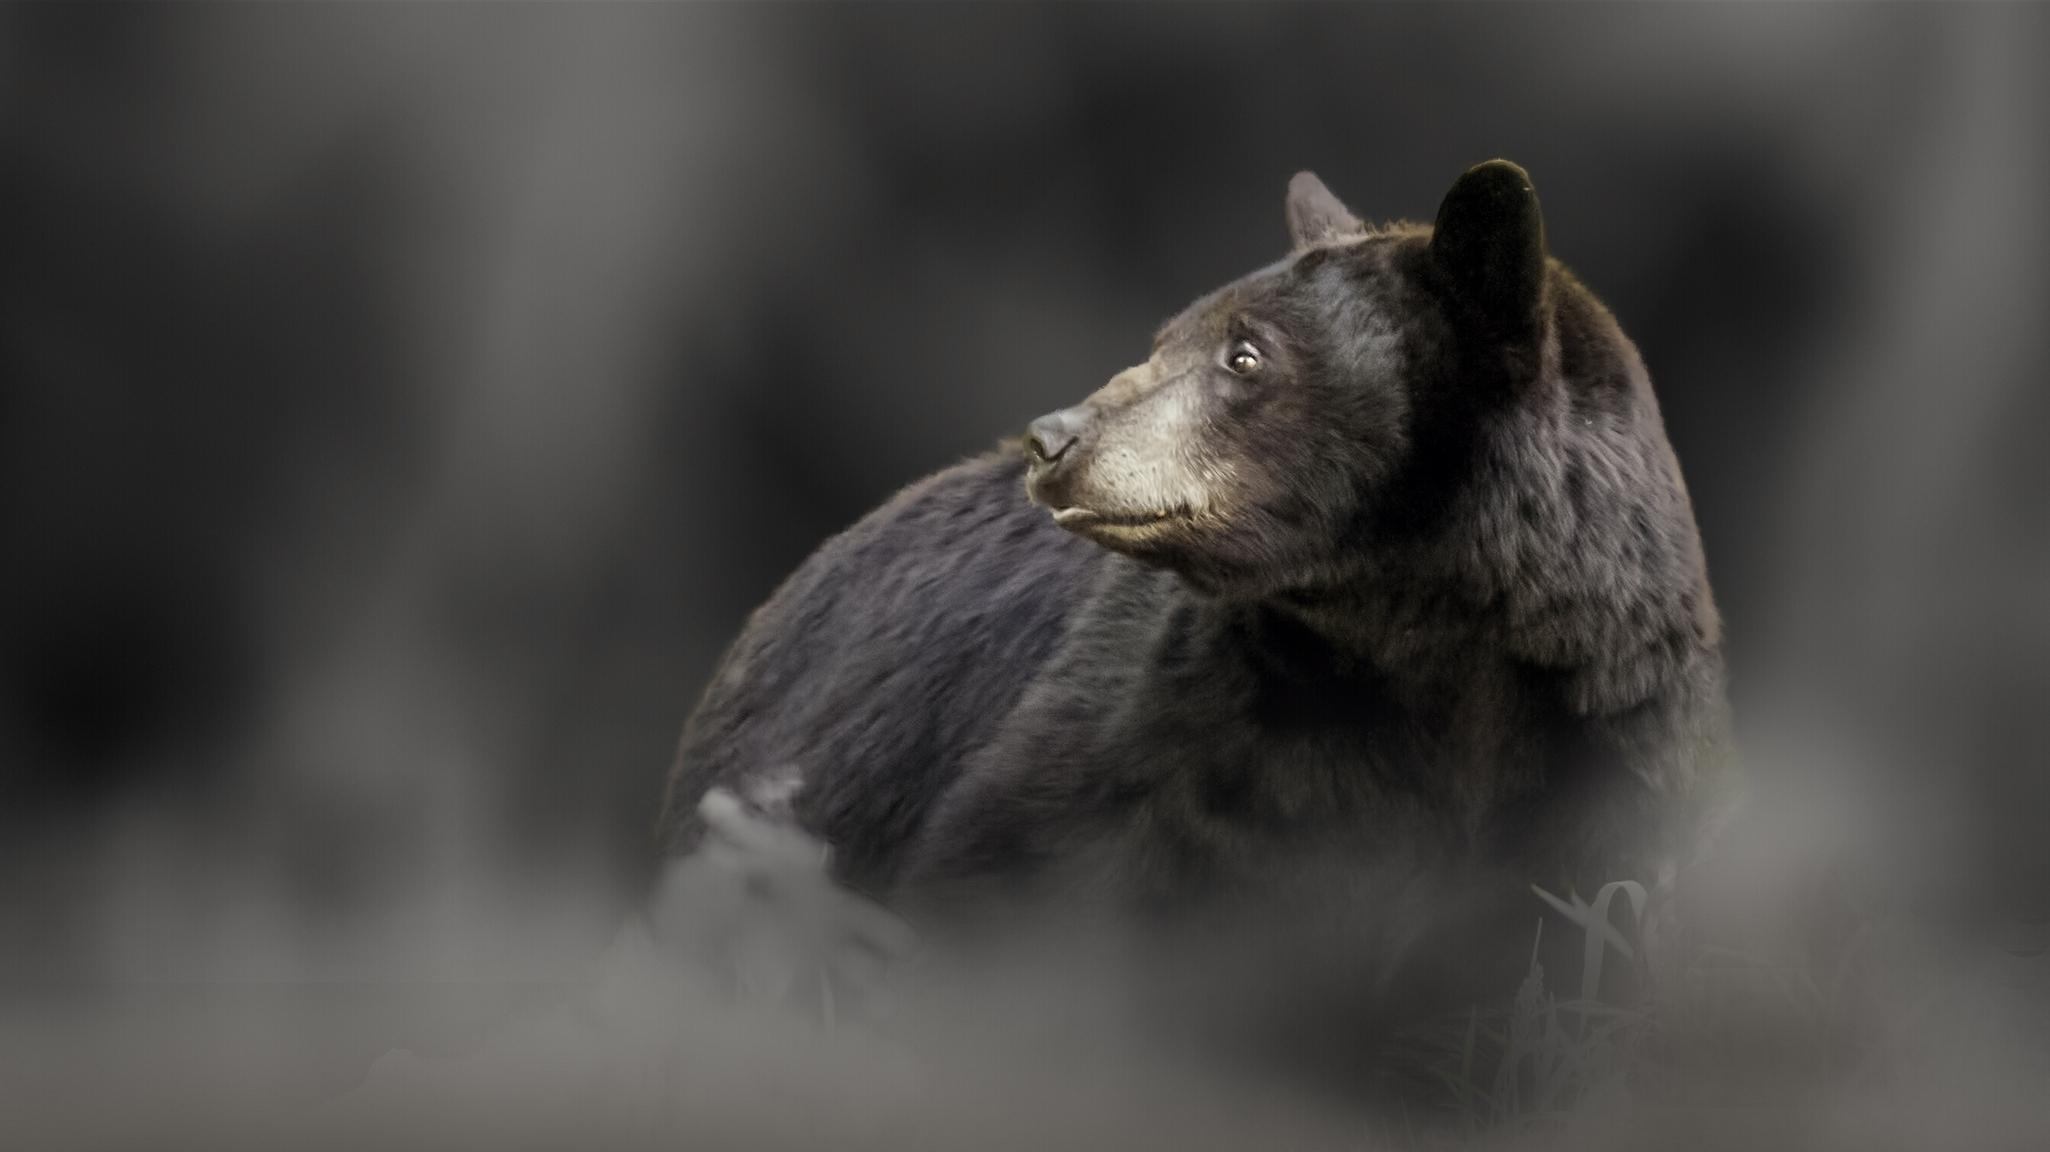 Черны медведь  № 3207634 без смс